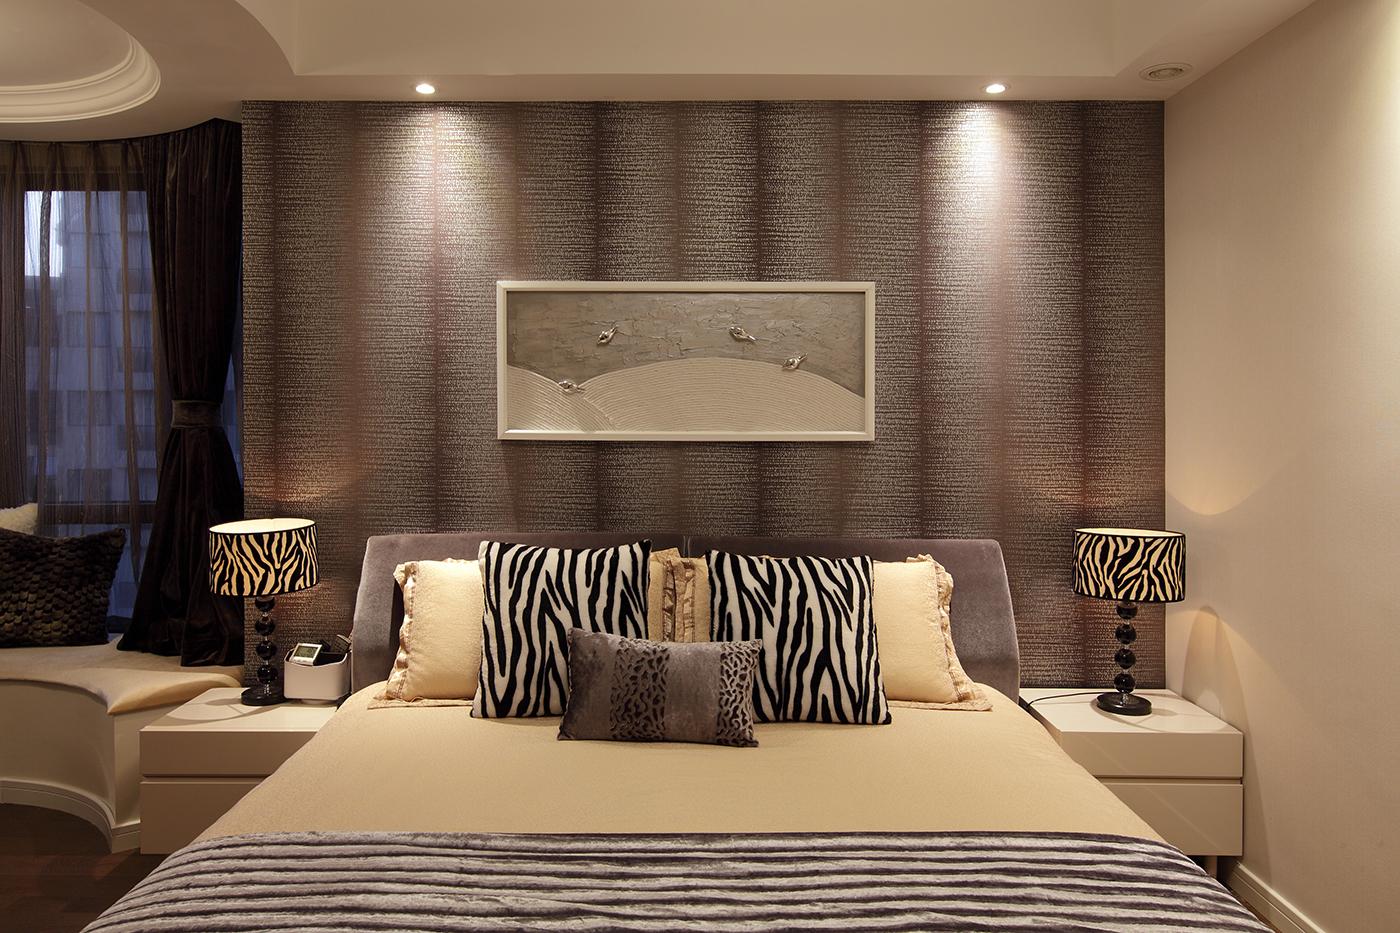 140㎡现代简约卧室背景墙装修效果图